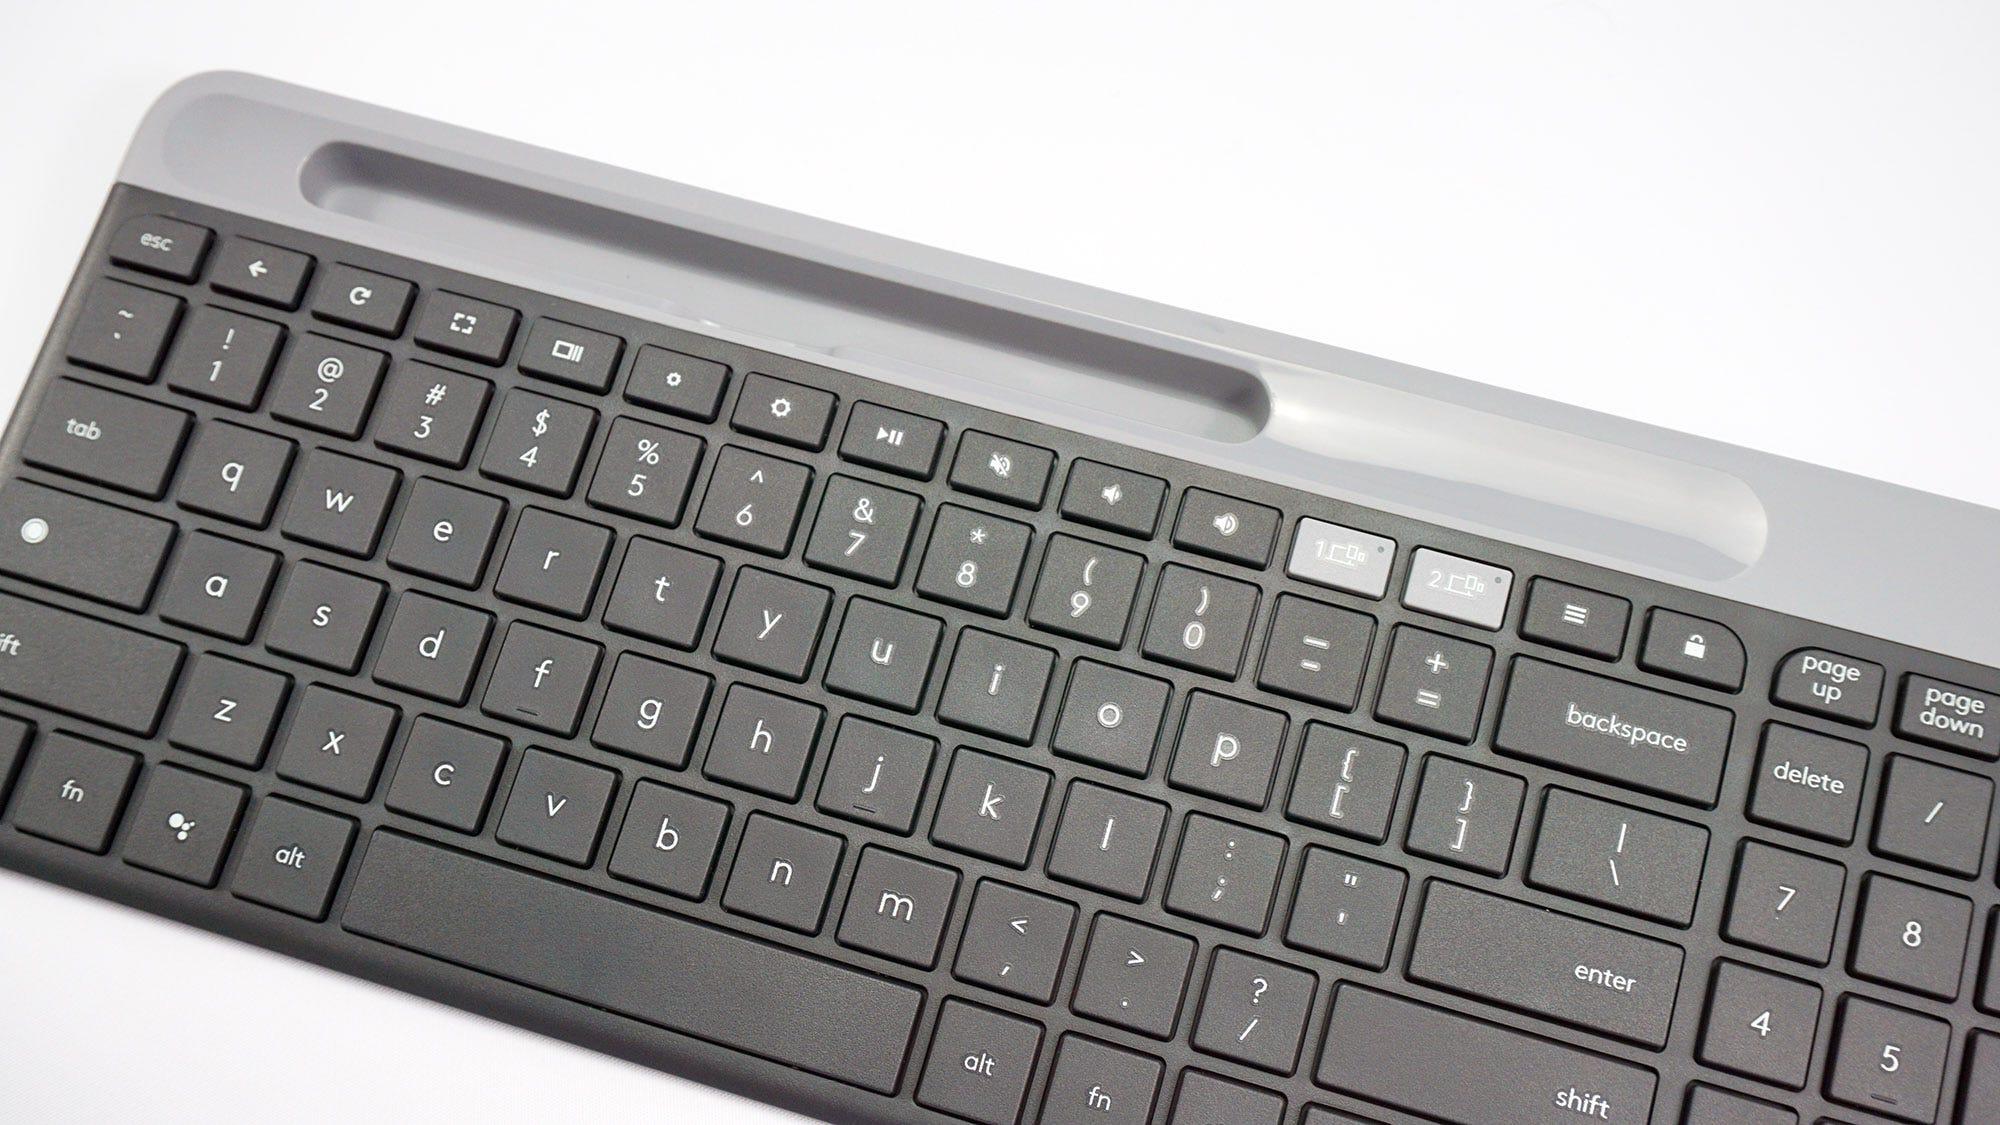 The Logitech K580 keyboard.